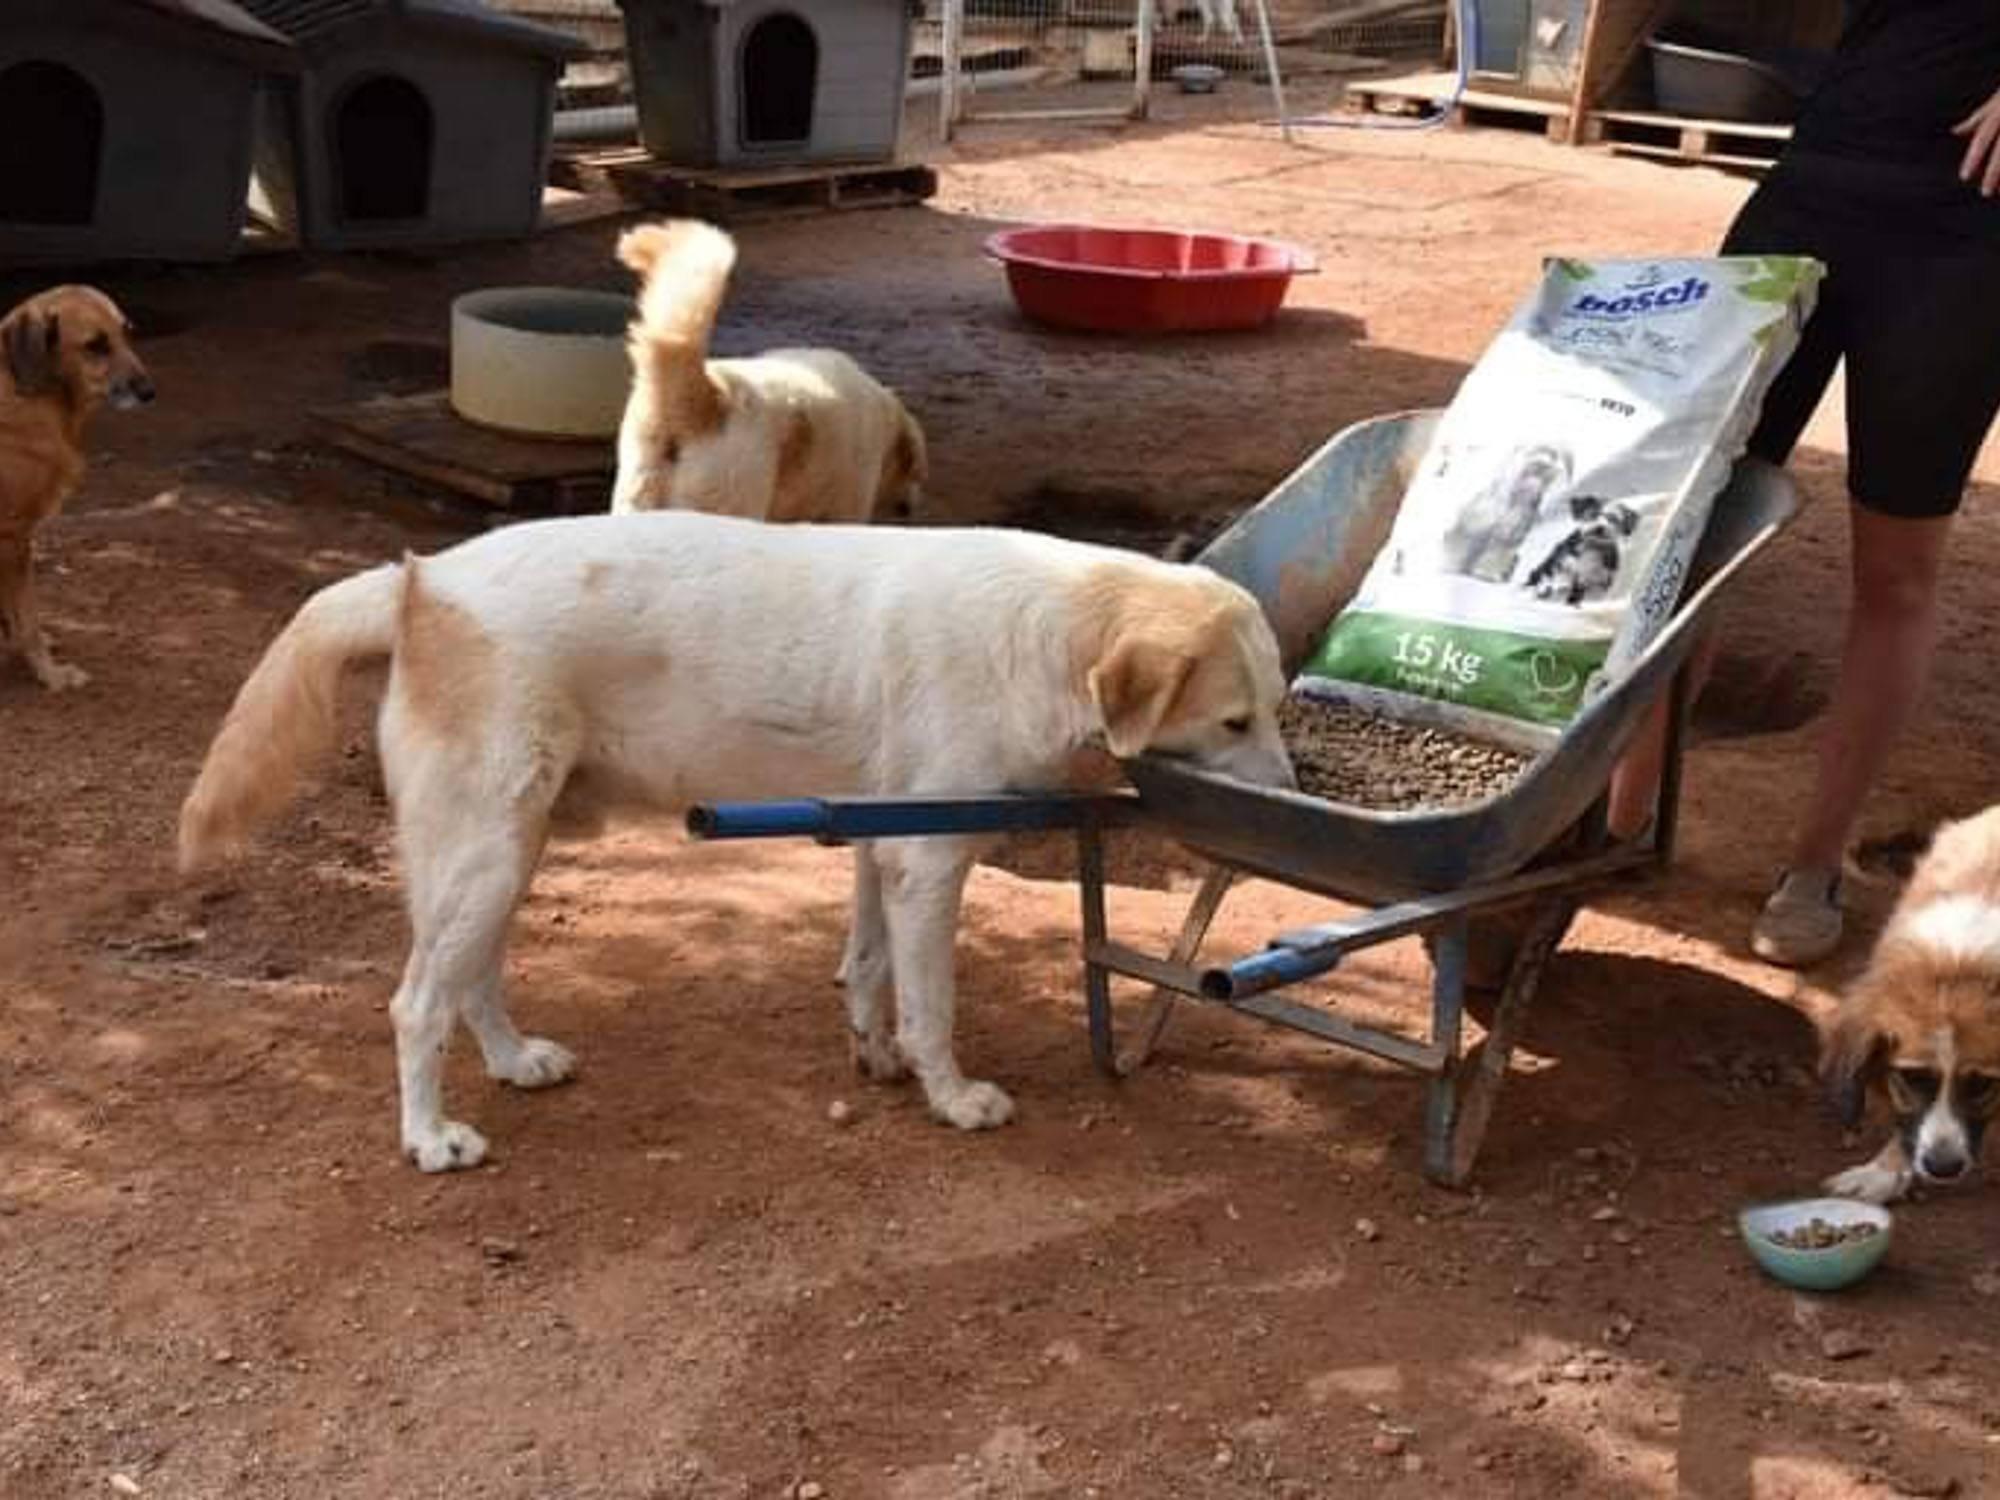 Verein für hilfebedürftige Tiere_SfS21_GR1